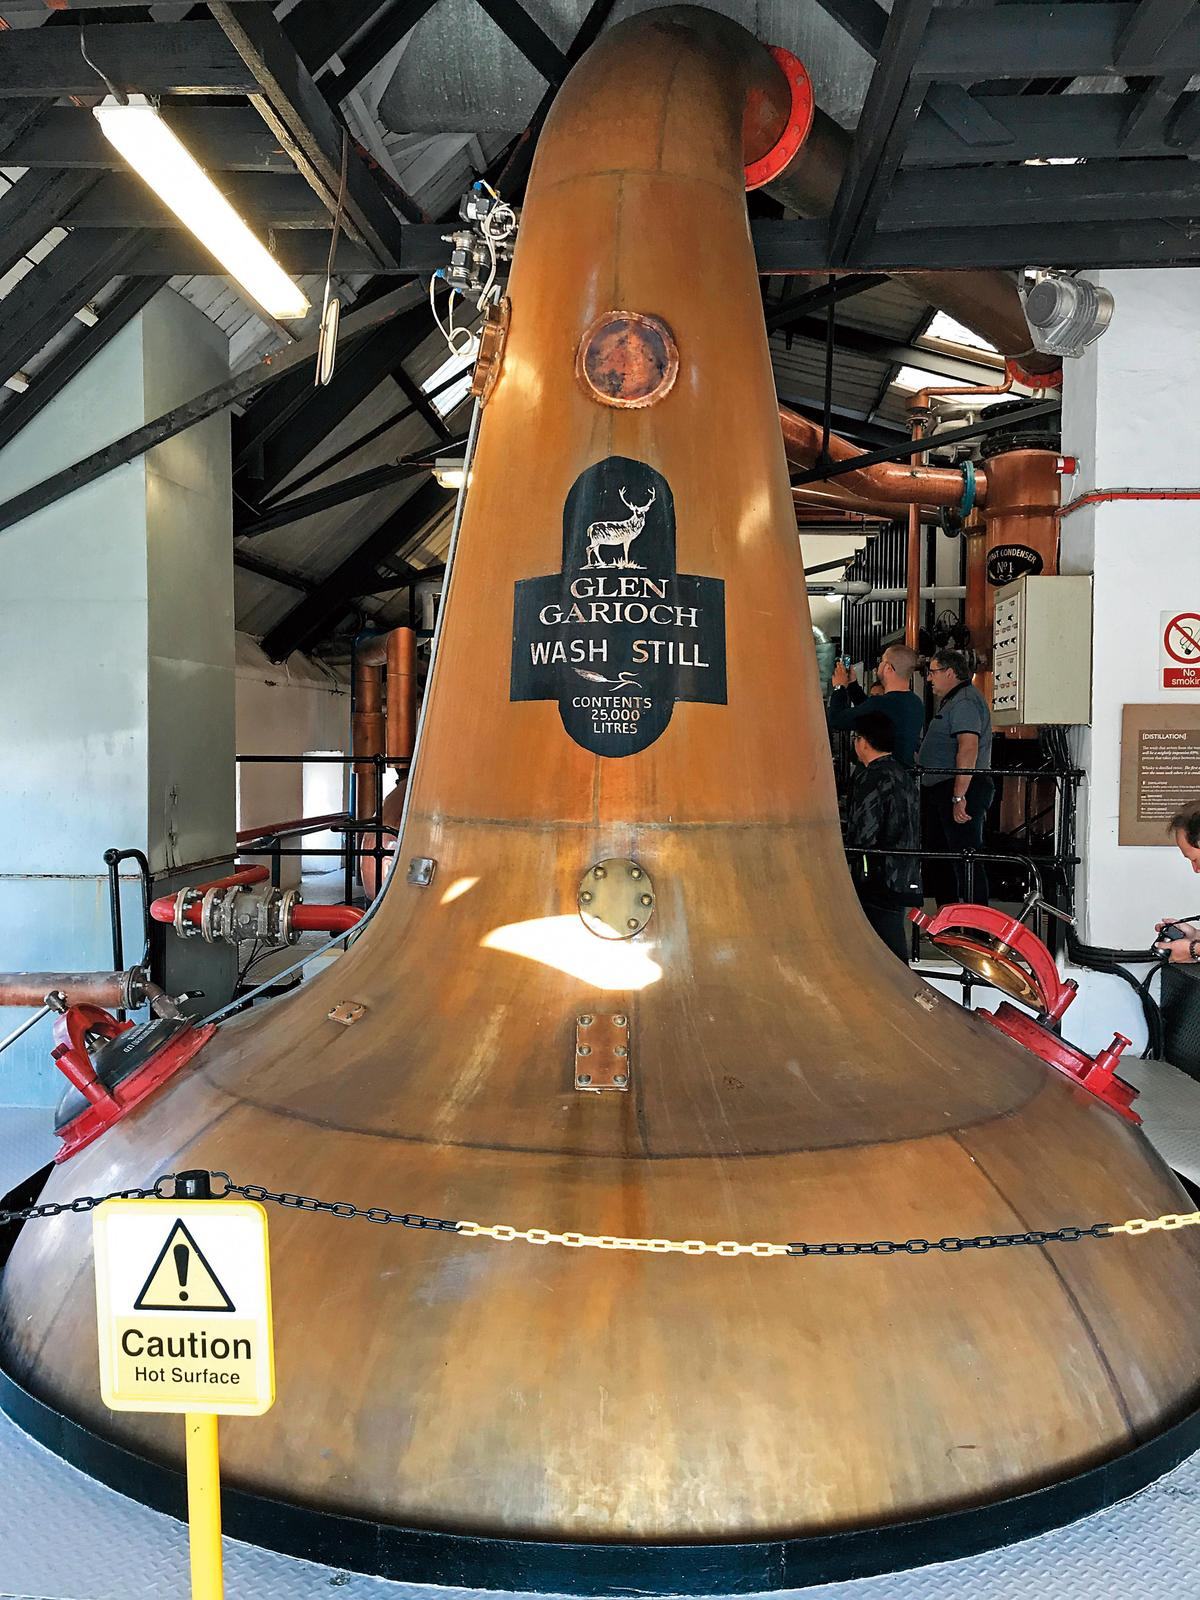 格蘭蓋瑞酒廠的產能不大,大約年產130萬公升。